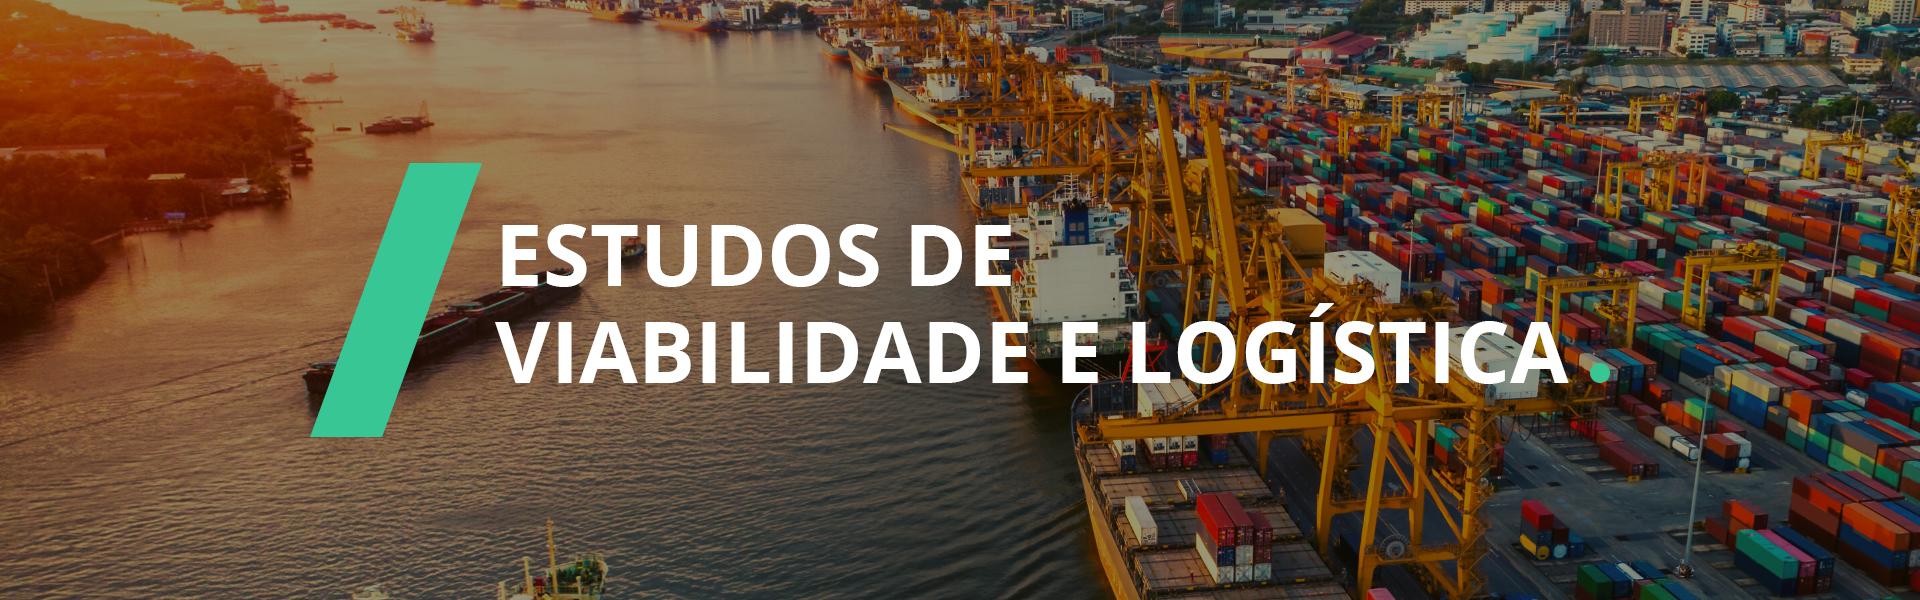 bg-viabilidade-logistica